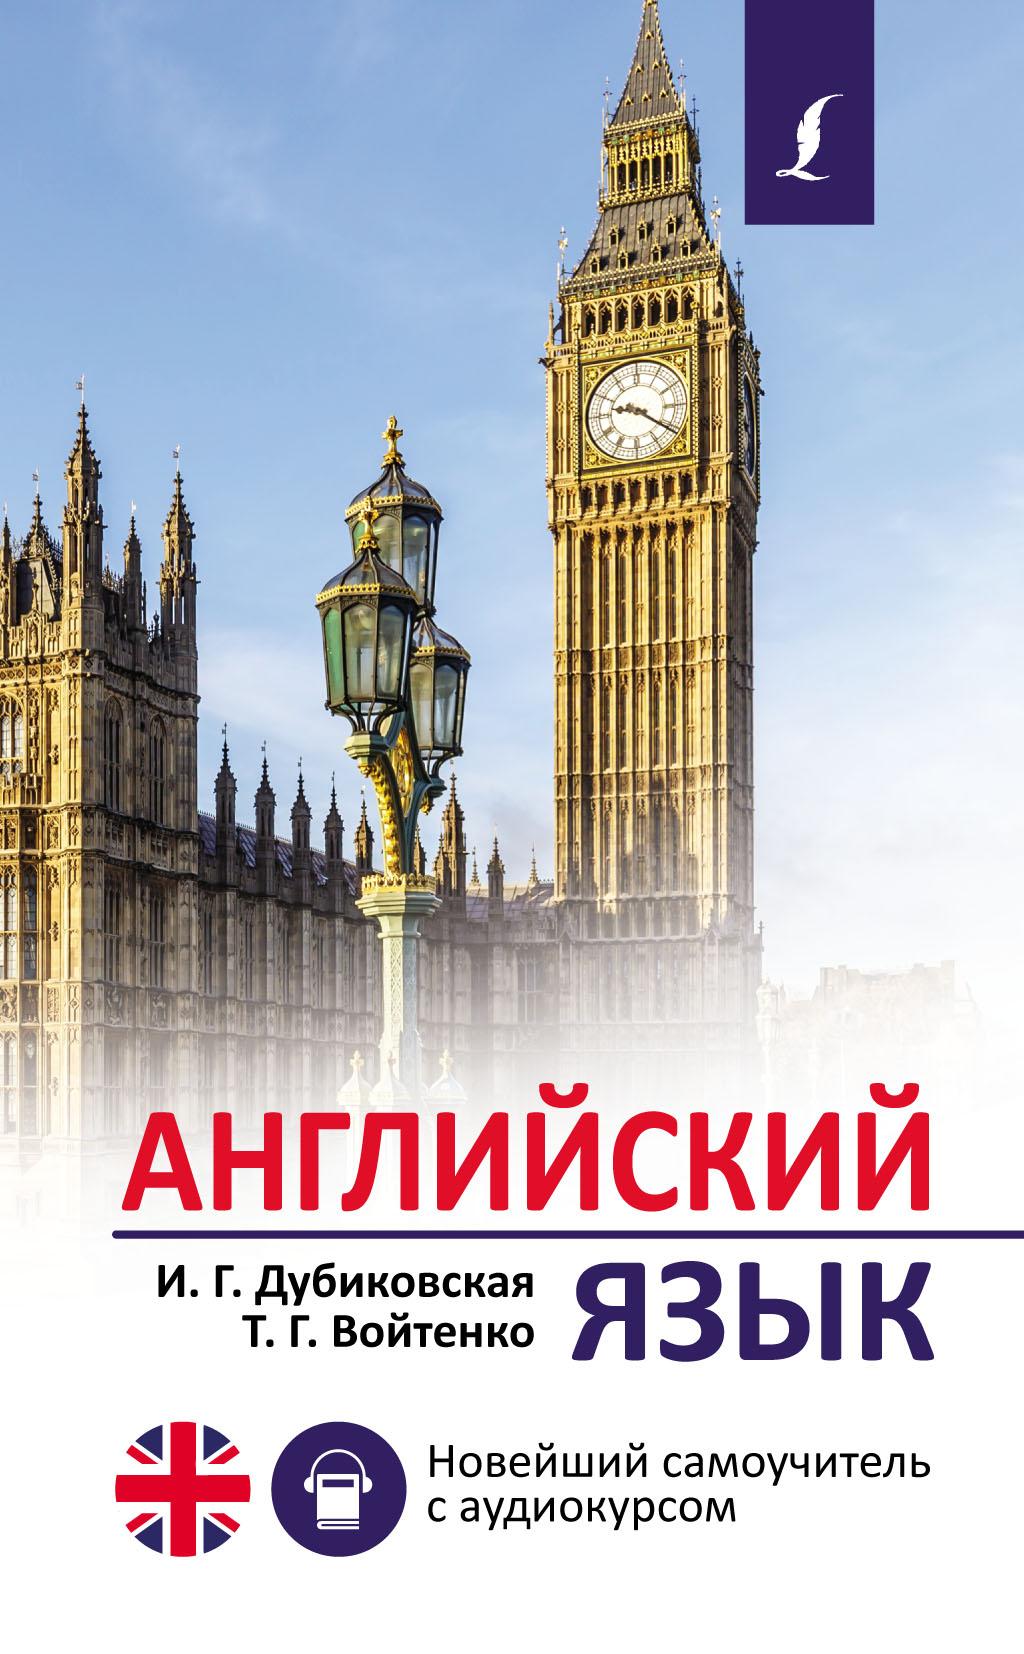 И. Г. Дубиковская Самоучитель английского языка для начинающих дубиковская и войтенко т самоучитель английского для начинающих cd